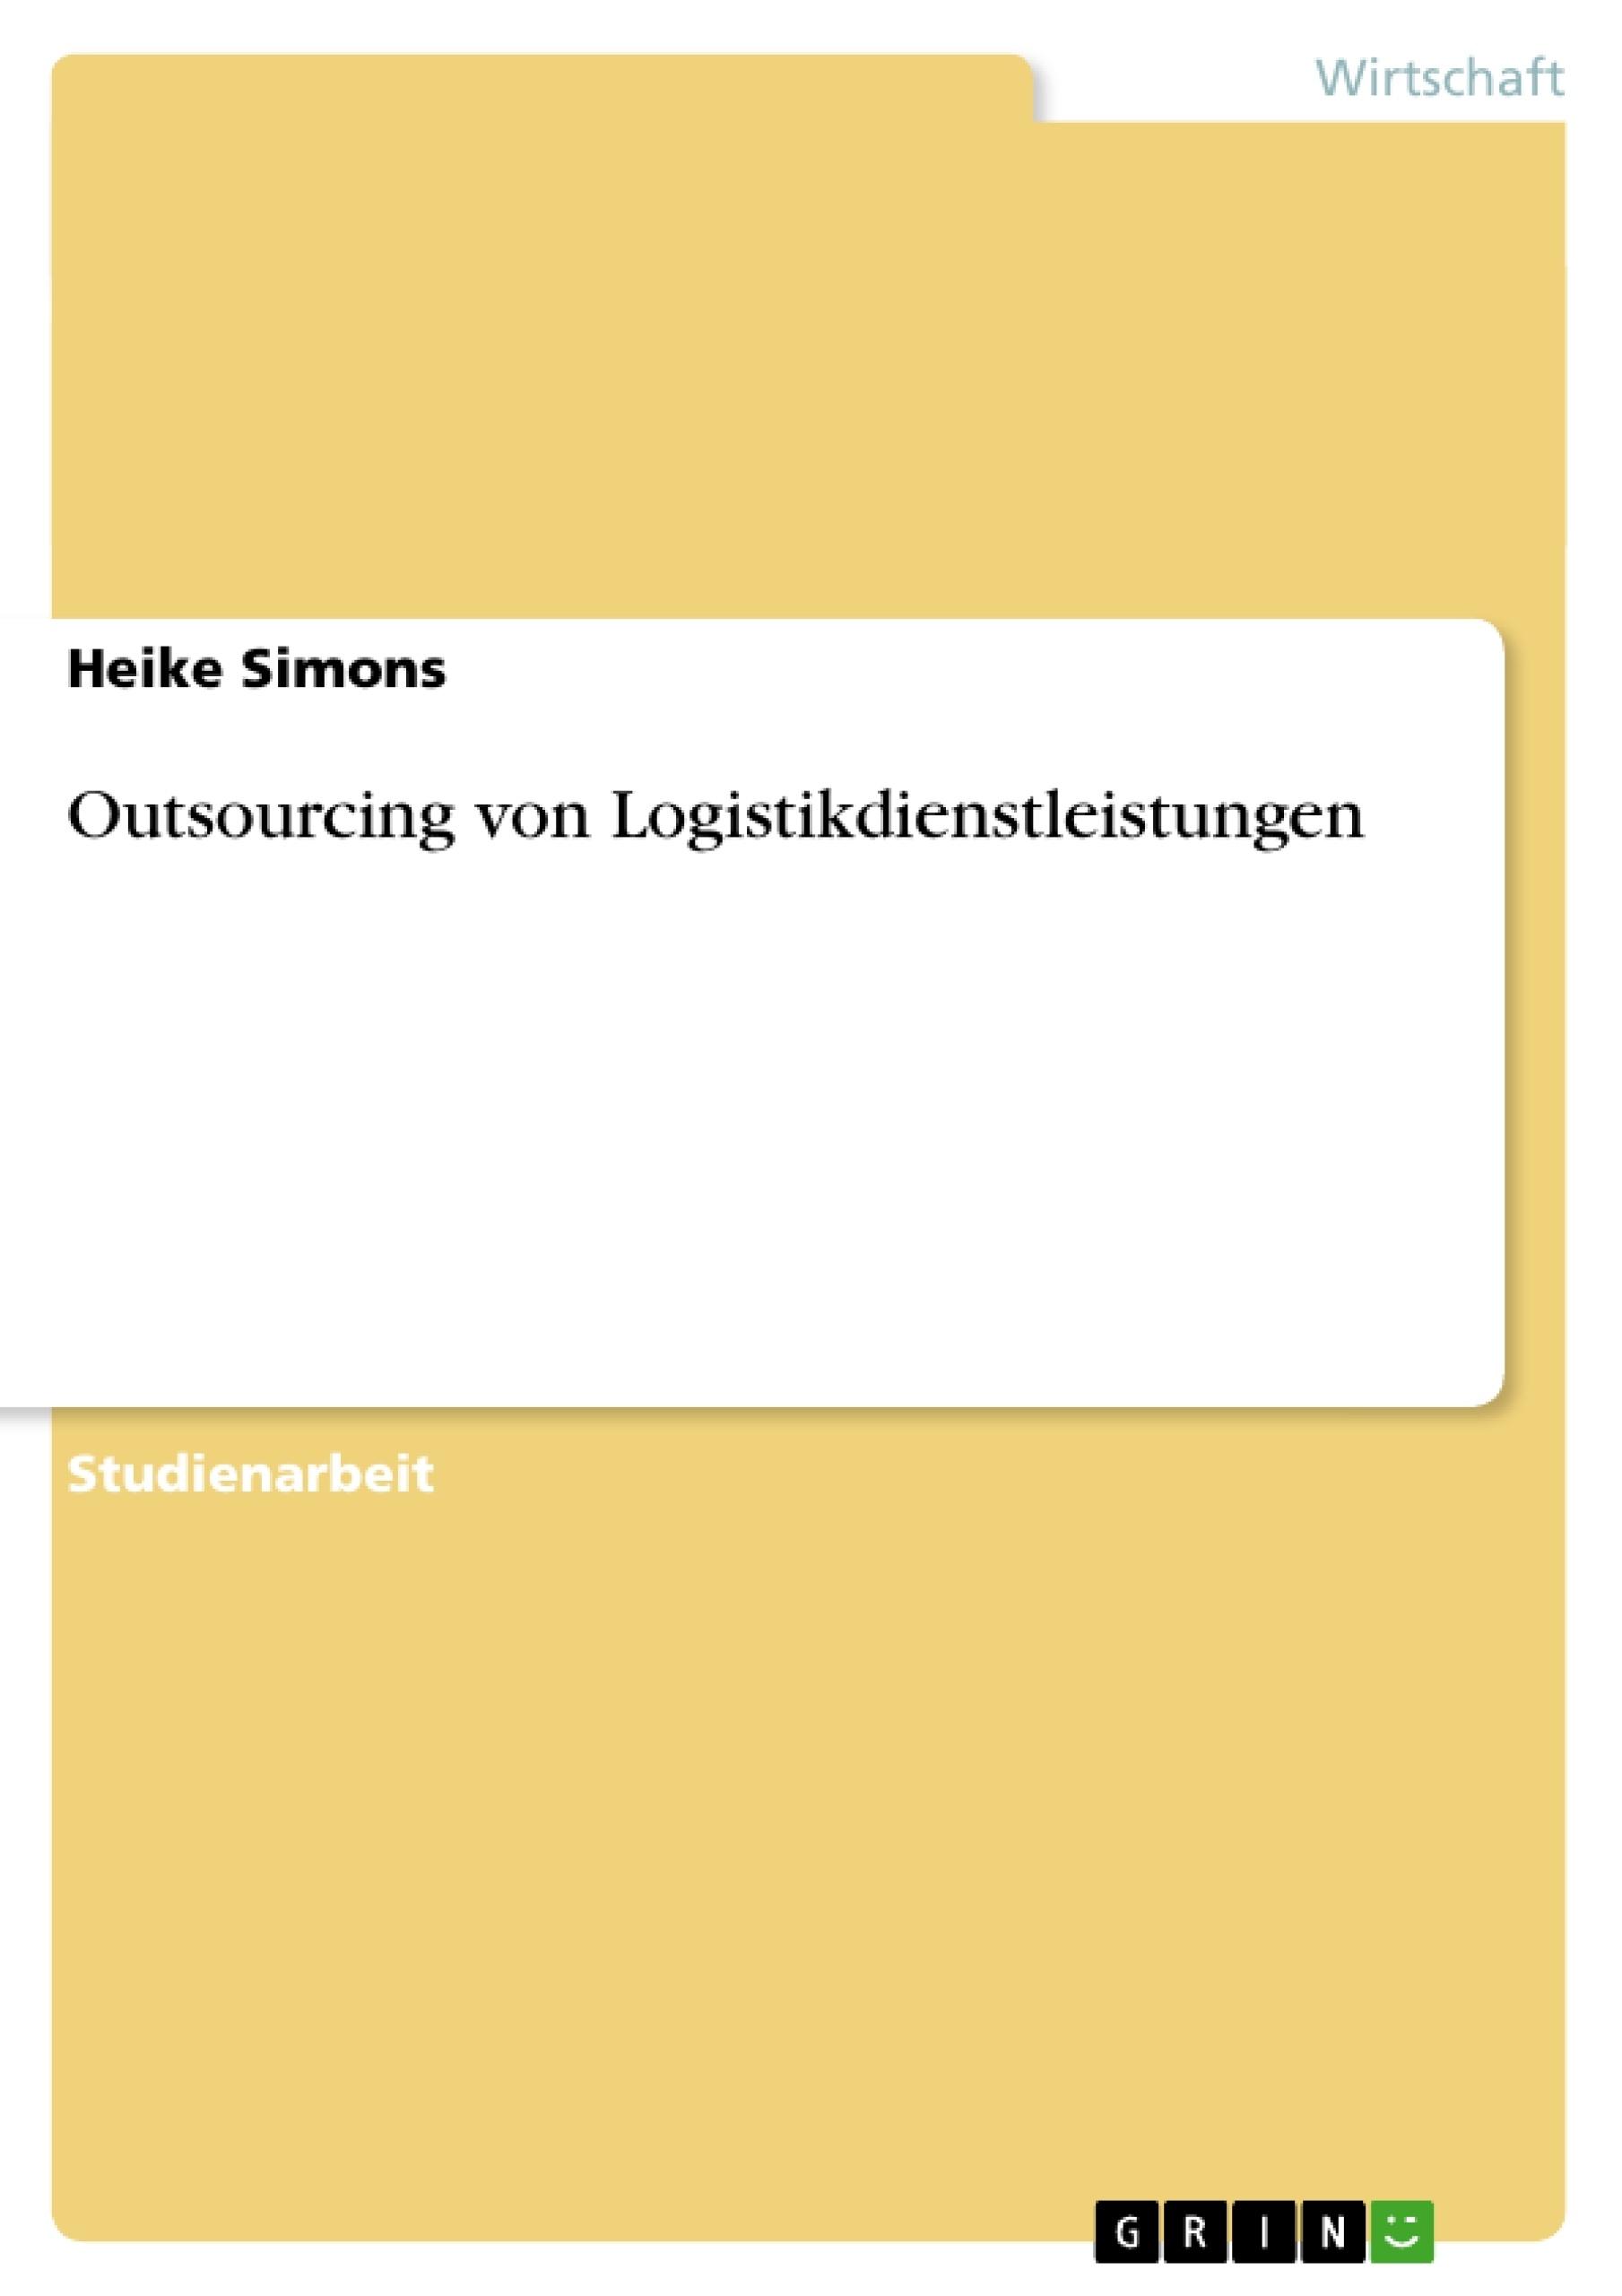 Titel: Outsourcing von Logistikdienstleistungen